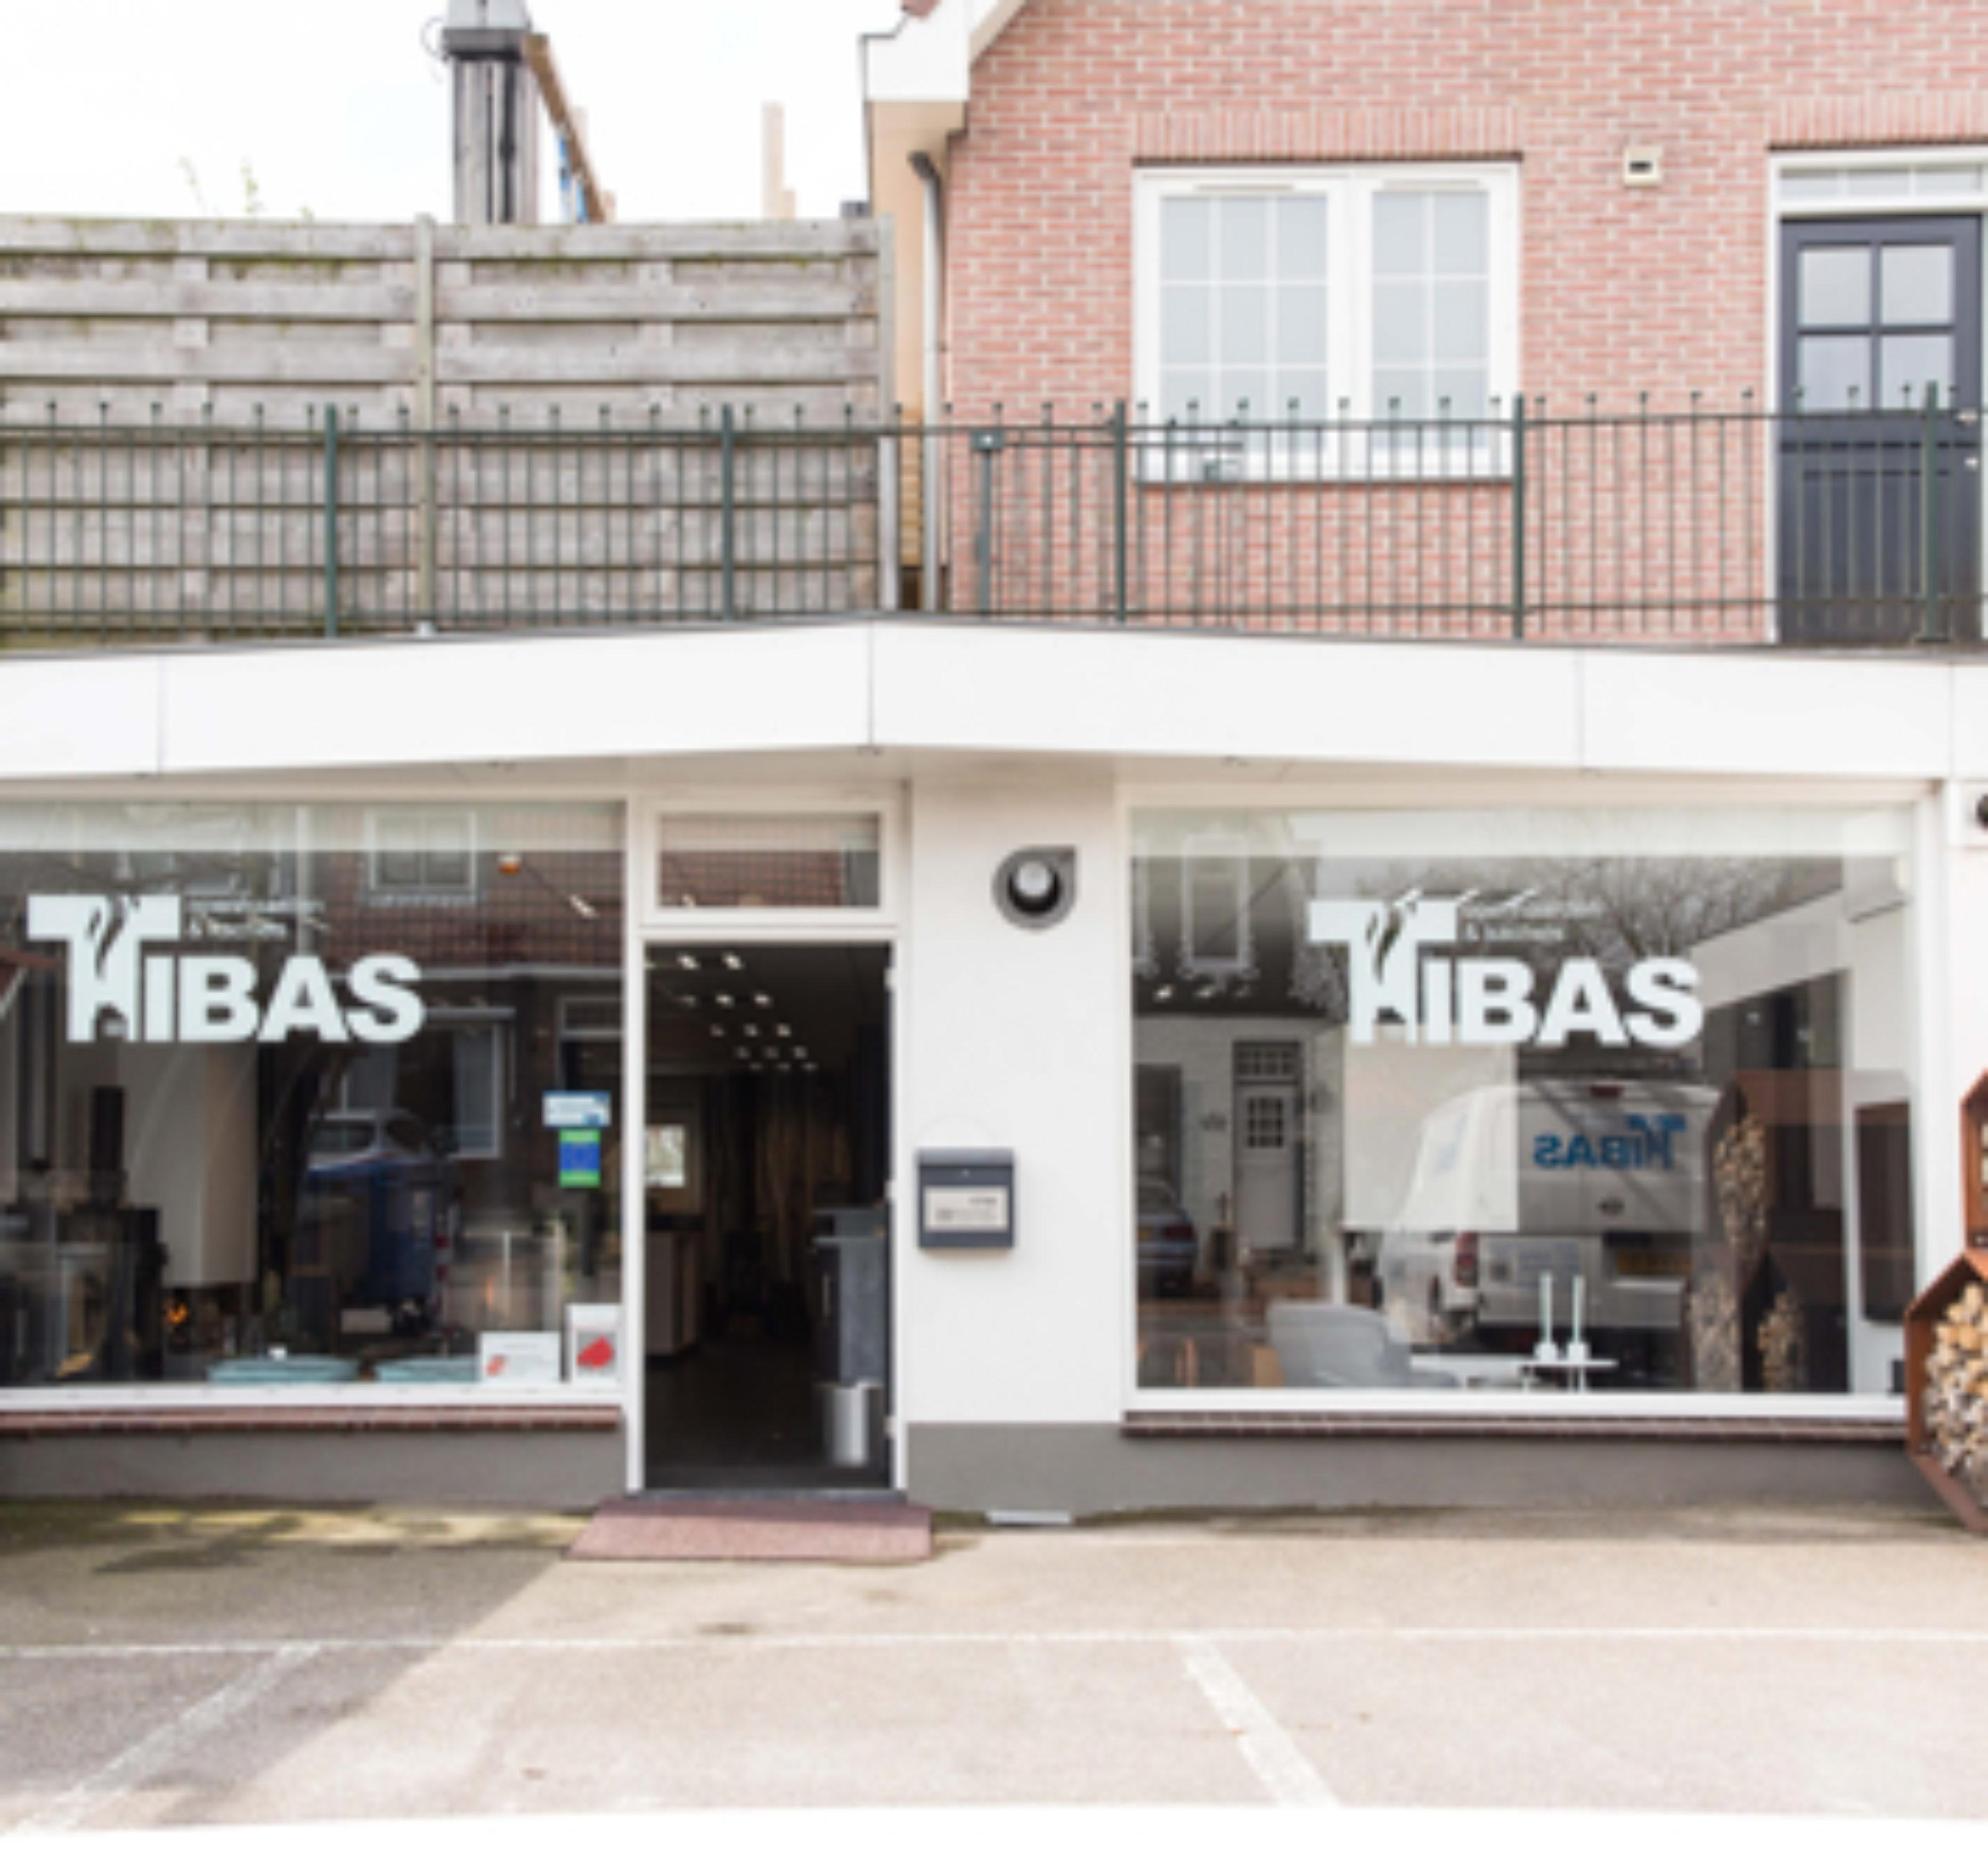 tibas-haarden-kachels-gouda-showroom-82